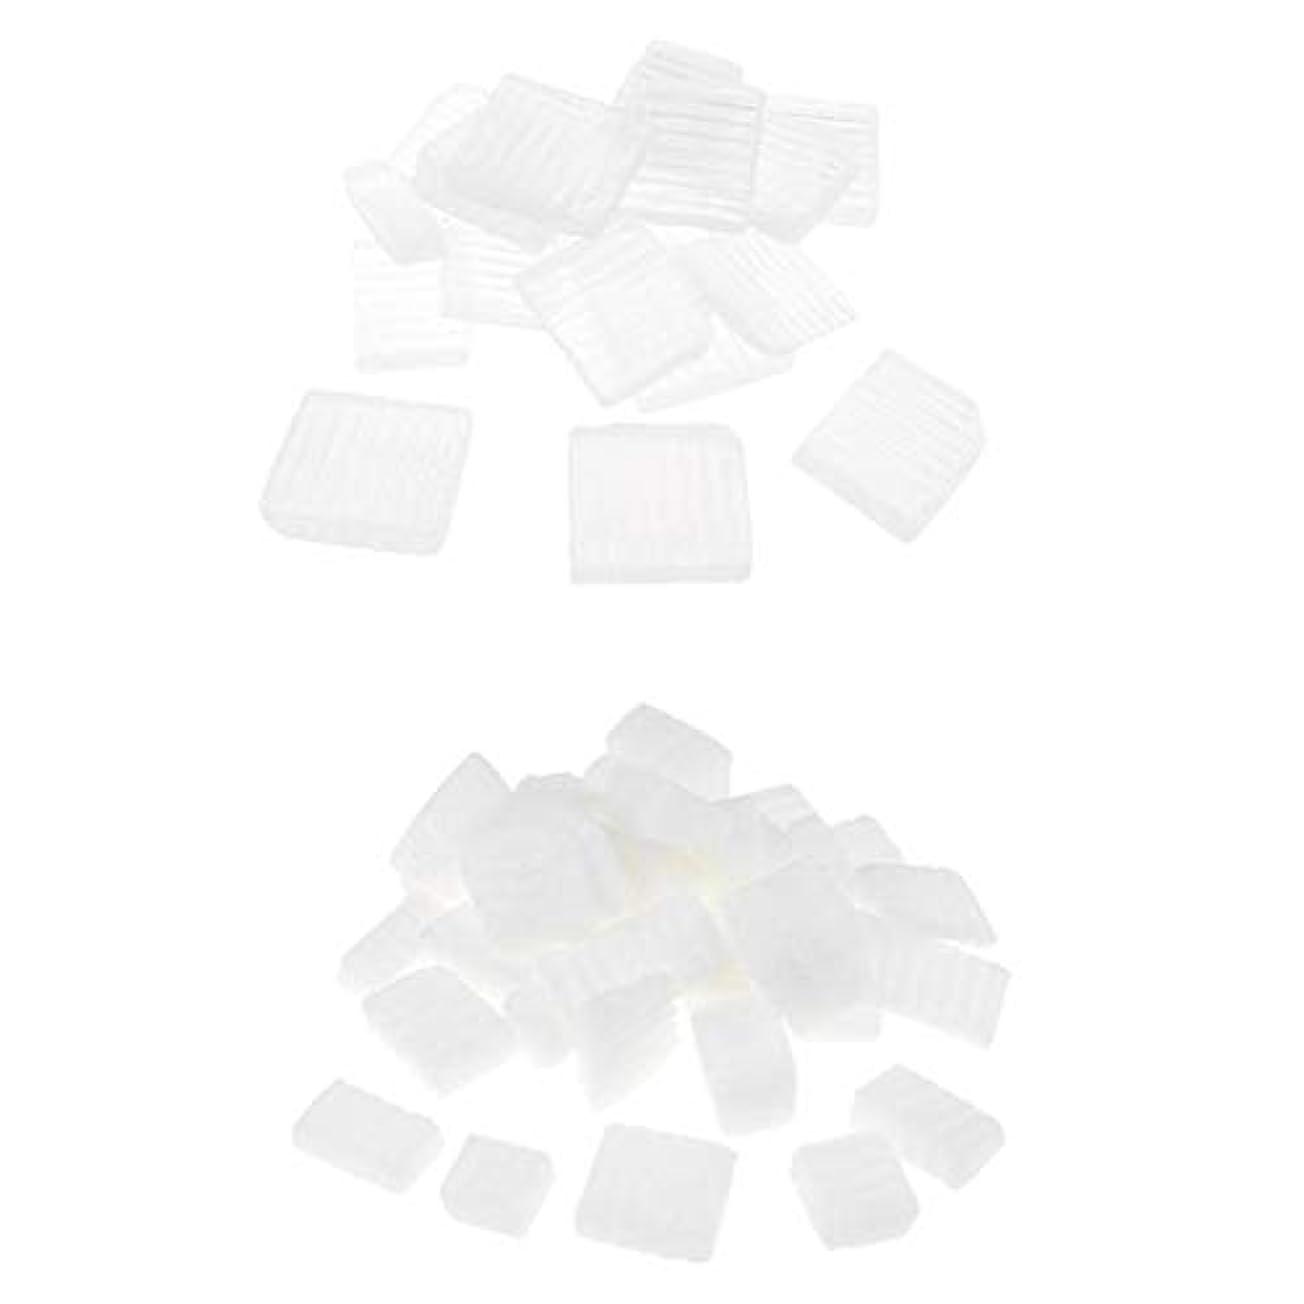 変形する主要な受信Baoblaze 固形せっけん 2KG 2種 ホワイト 透明 DIYハンドメイド ソープ原料 石鹸製造 古典的